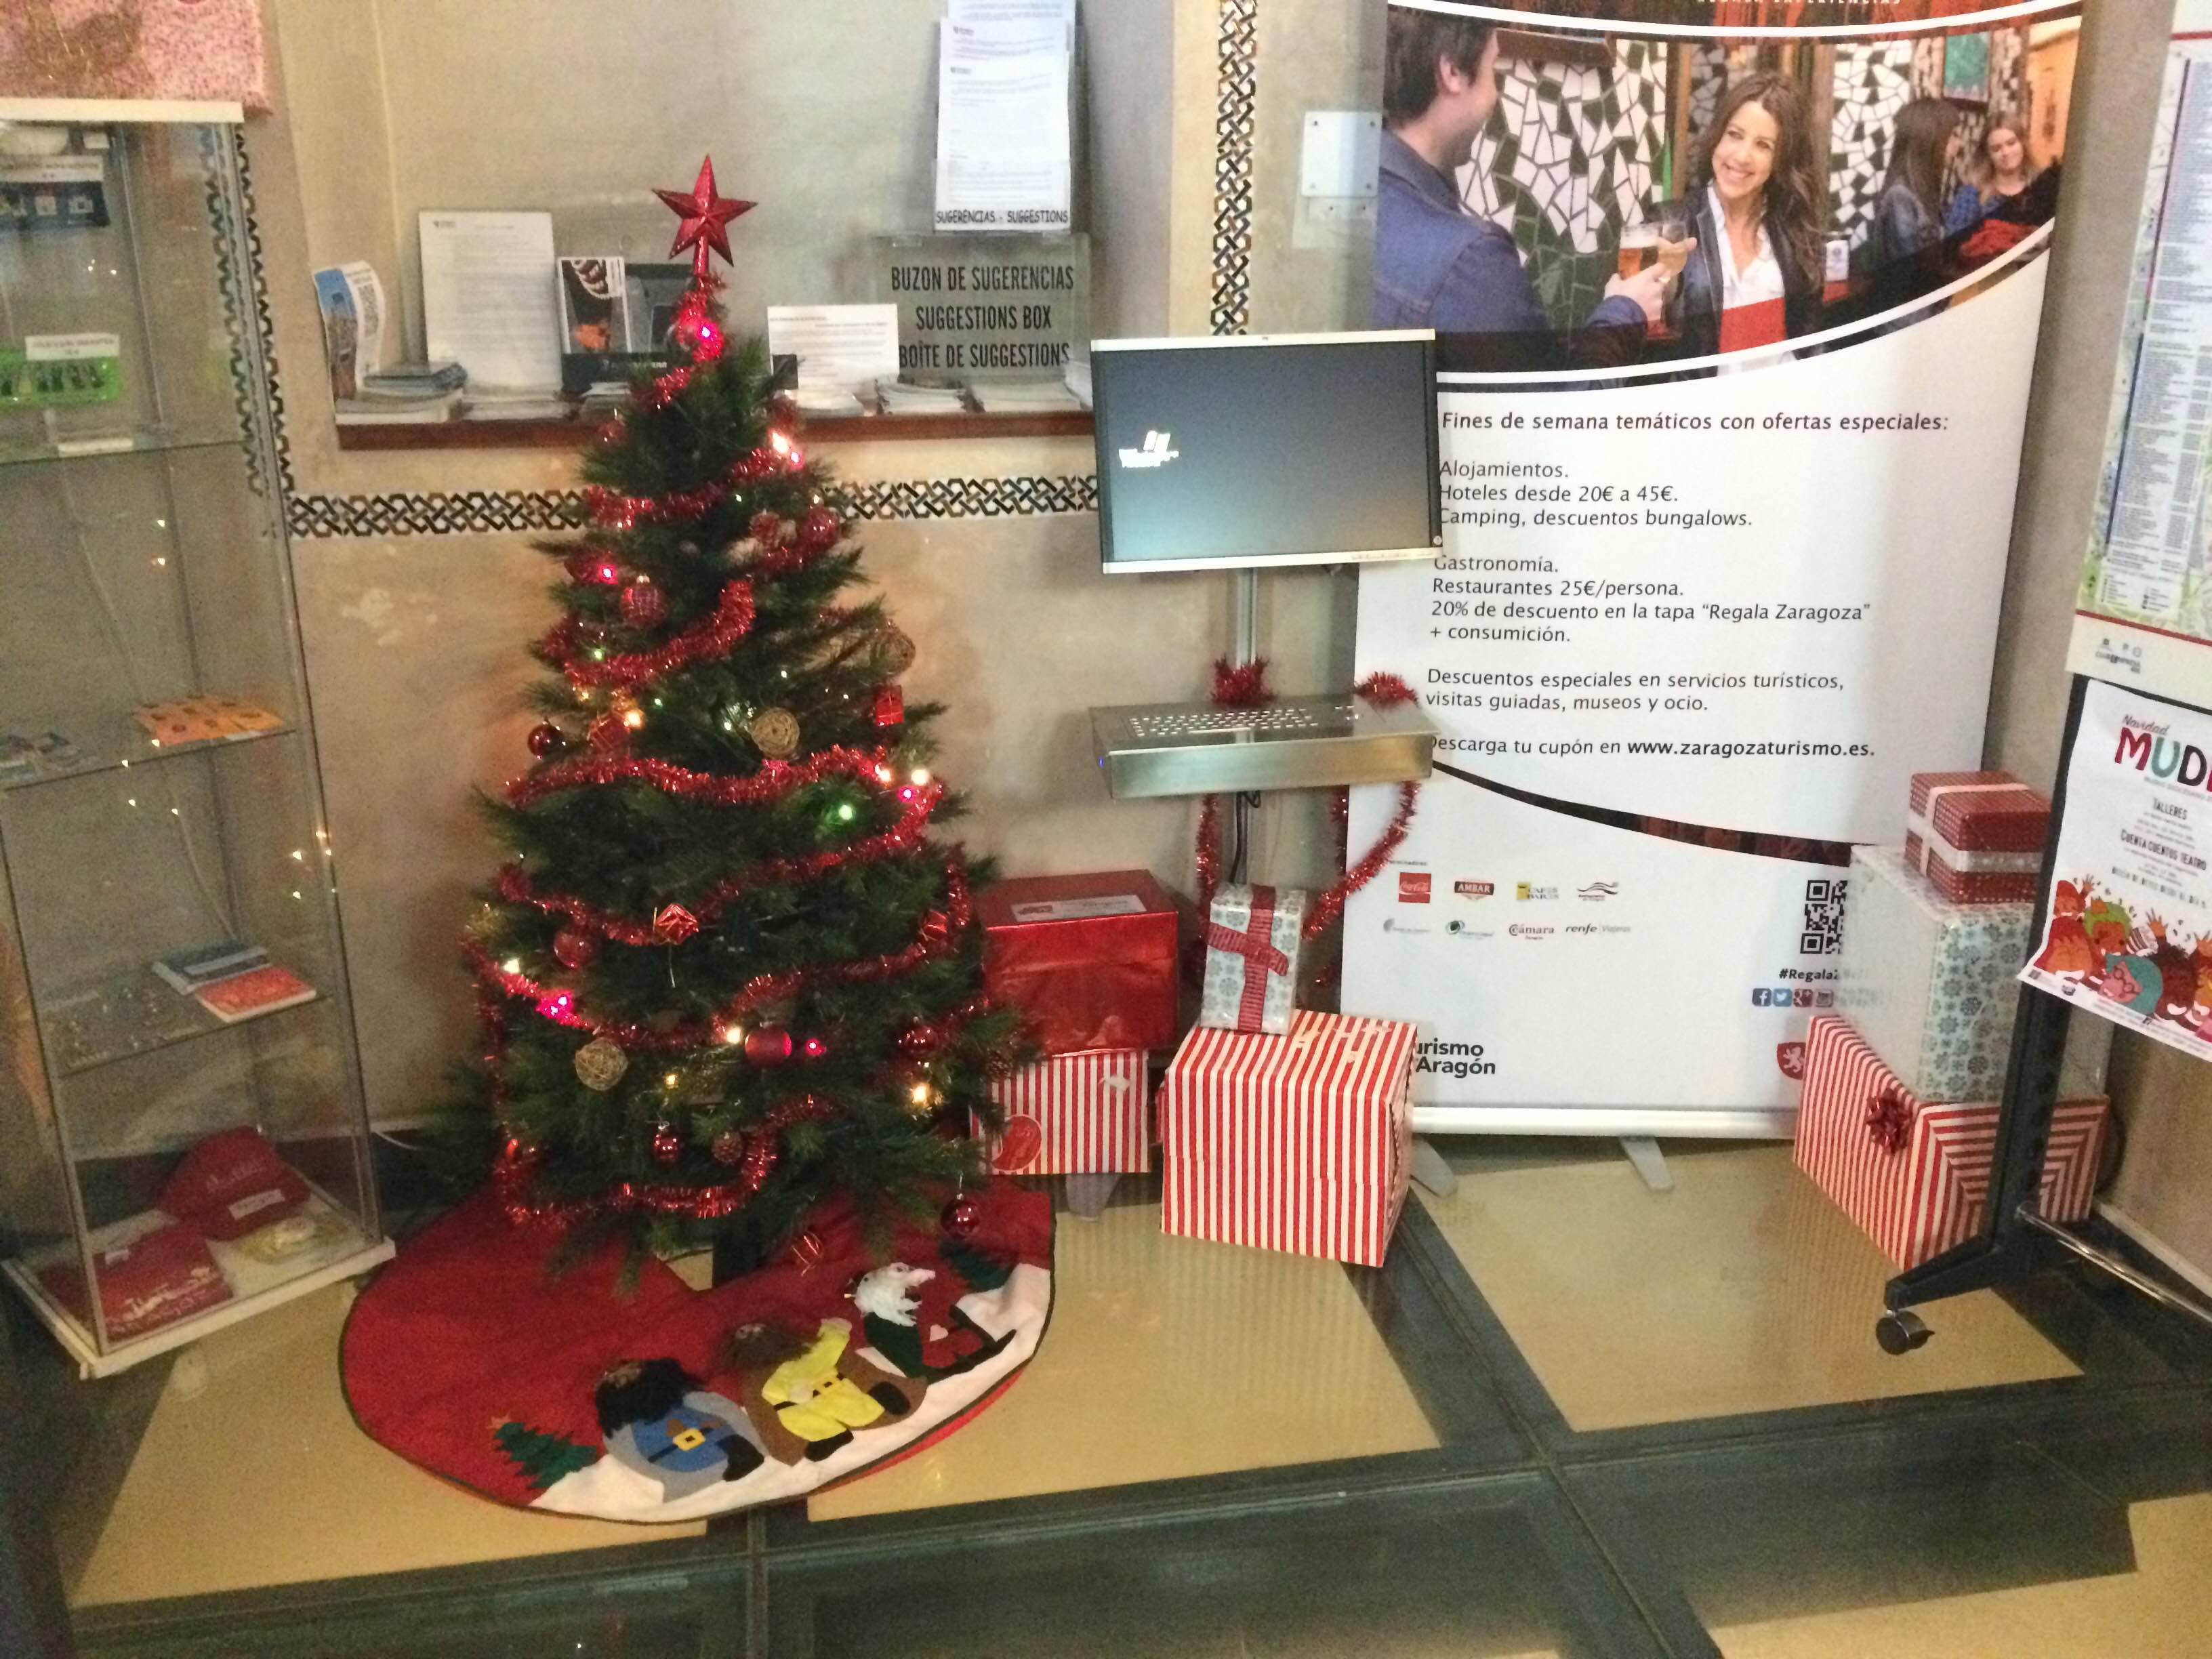 El rbol de navidad el protagonista de la decoraci n - Decoracion de navidad para oficina ...